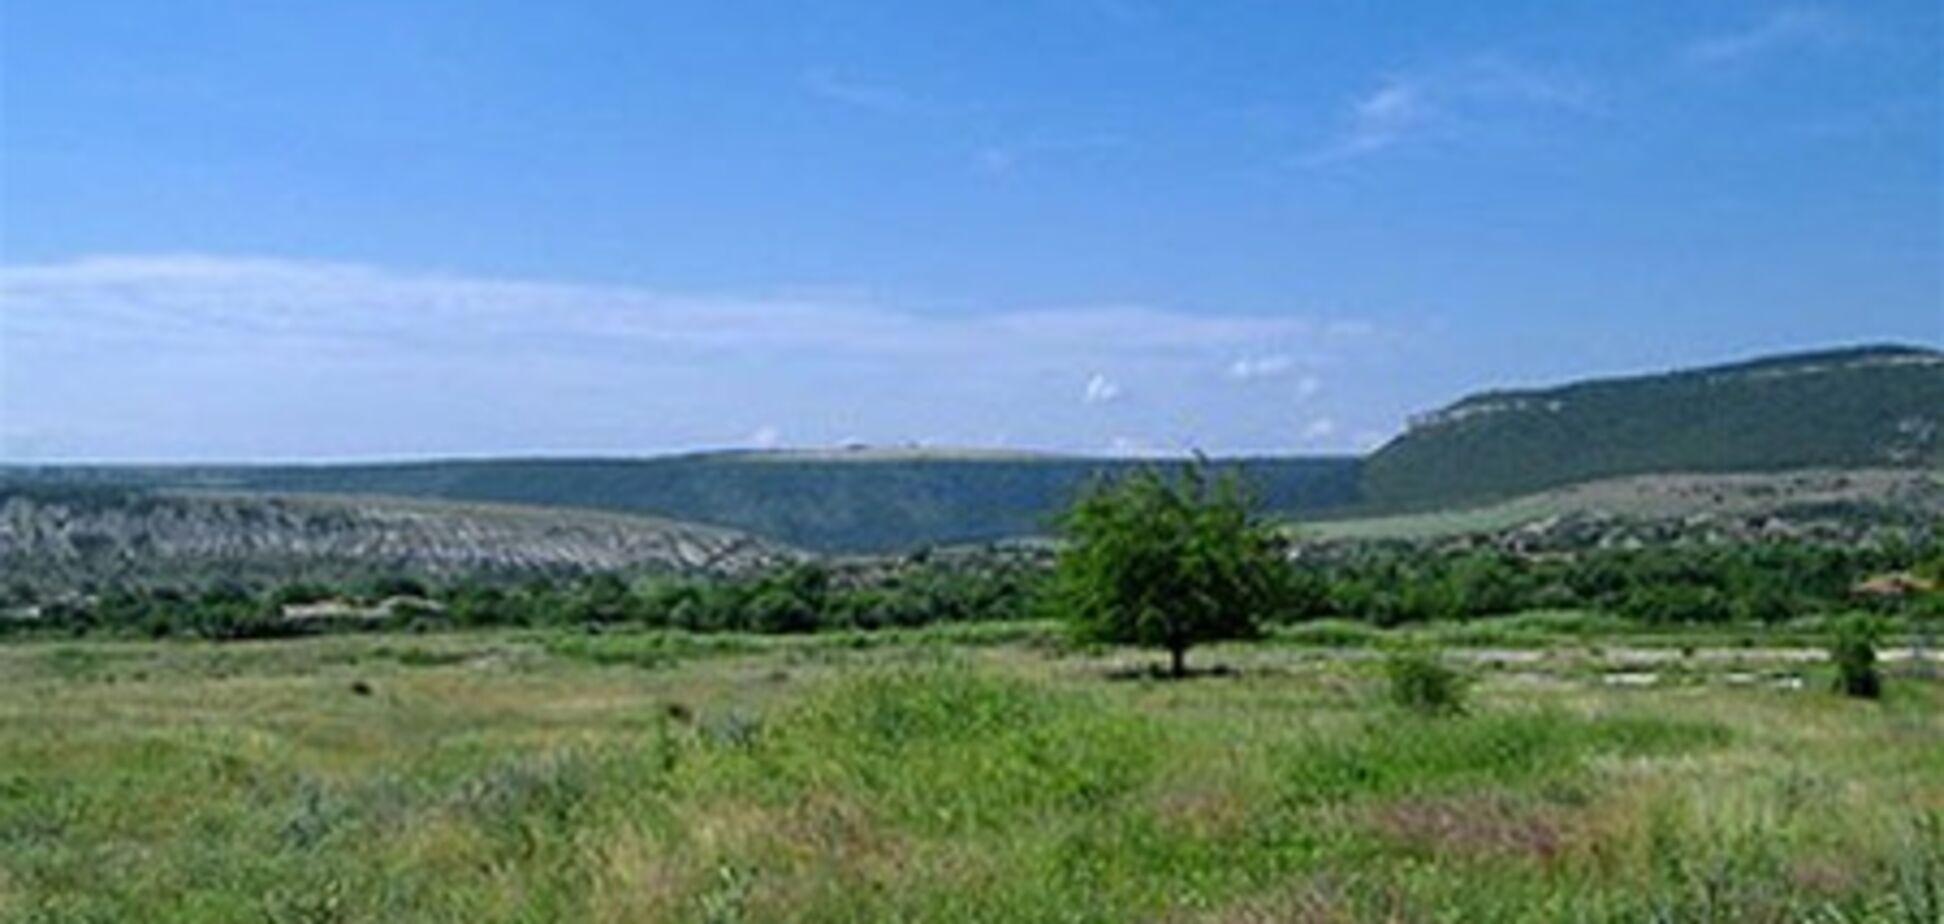 Госземагентство: благодаря реформе земля достанется крестьянам